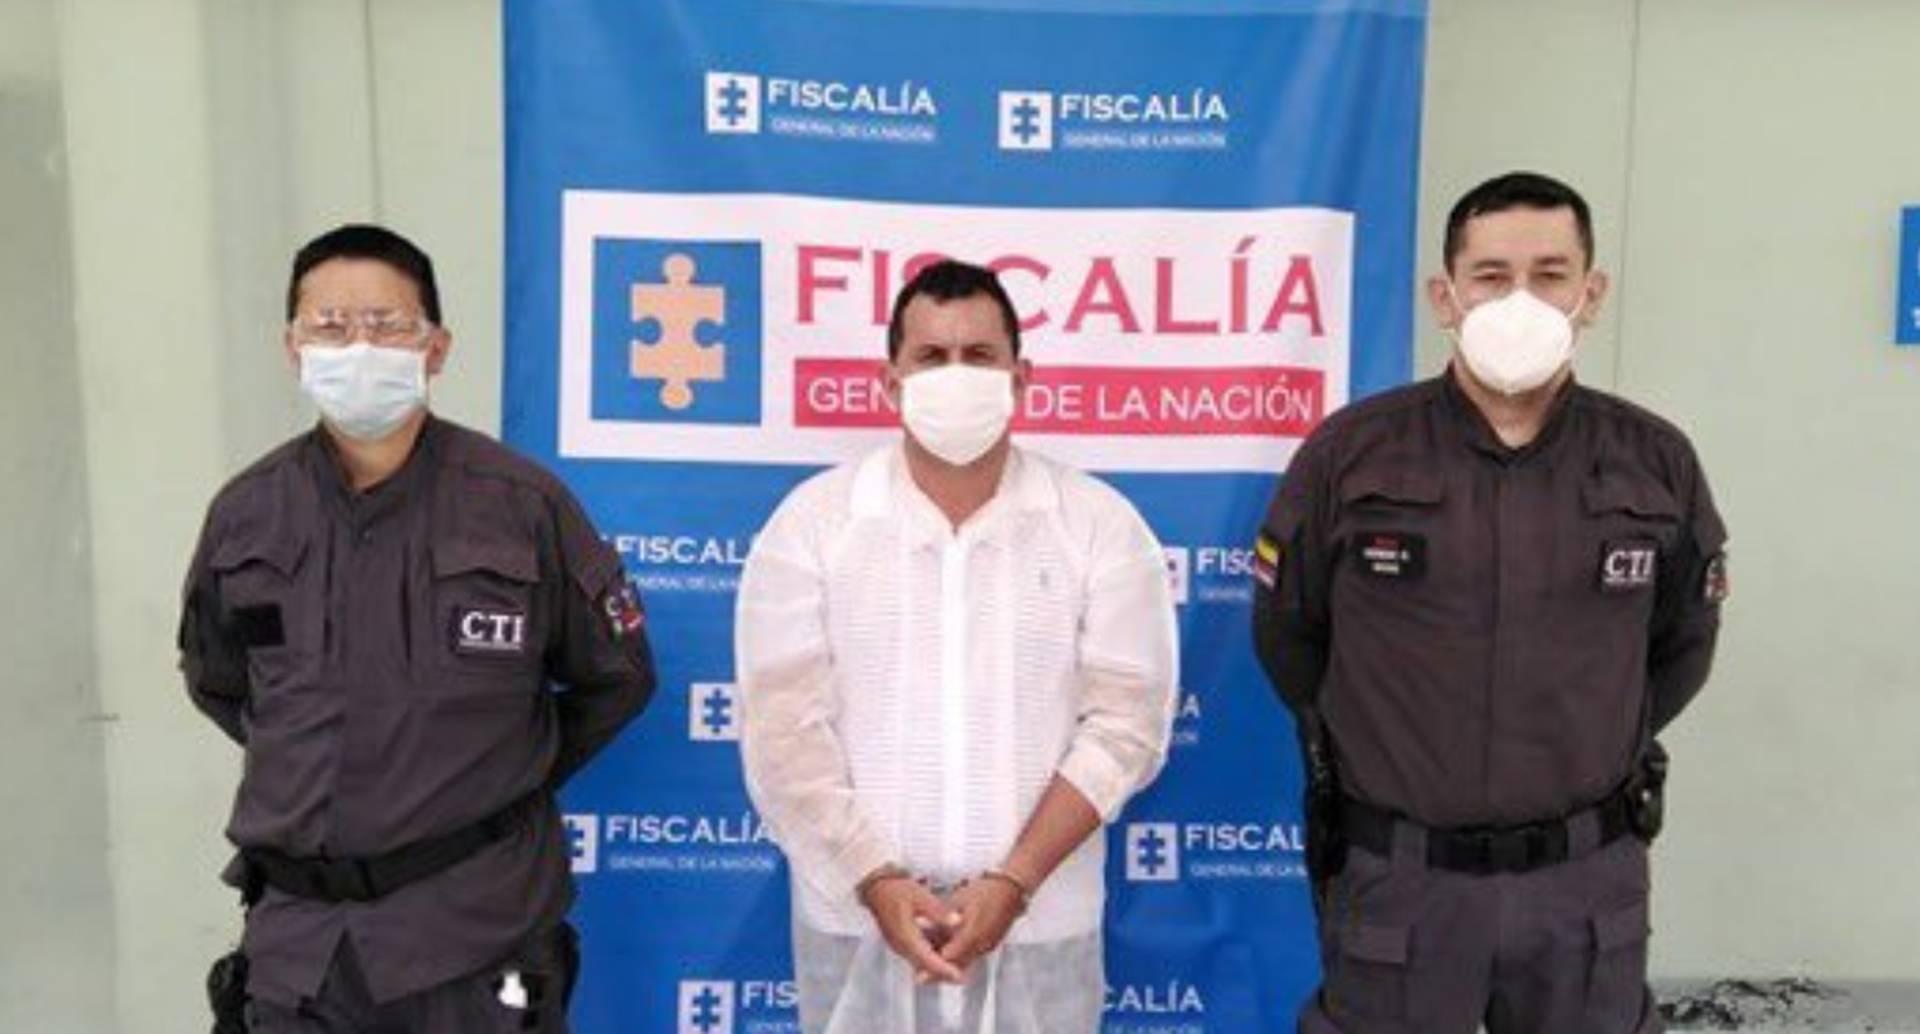 Fernando Trujillo Gómez, alias El Padrino o El Gemelo, presunto responsable de vender carne de caballo y de burro a operadores del Plan de Alimentación Escolar. Foto: Fiscalía General de la Nación